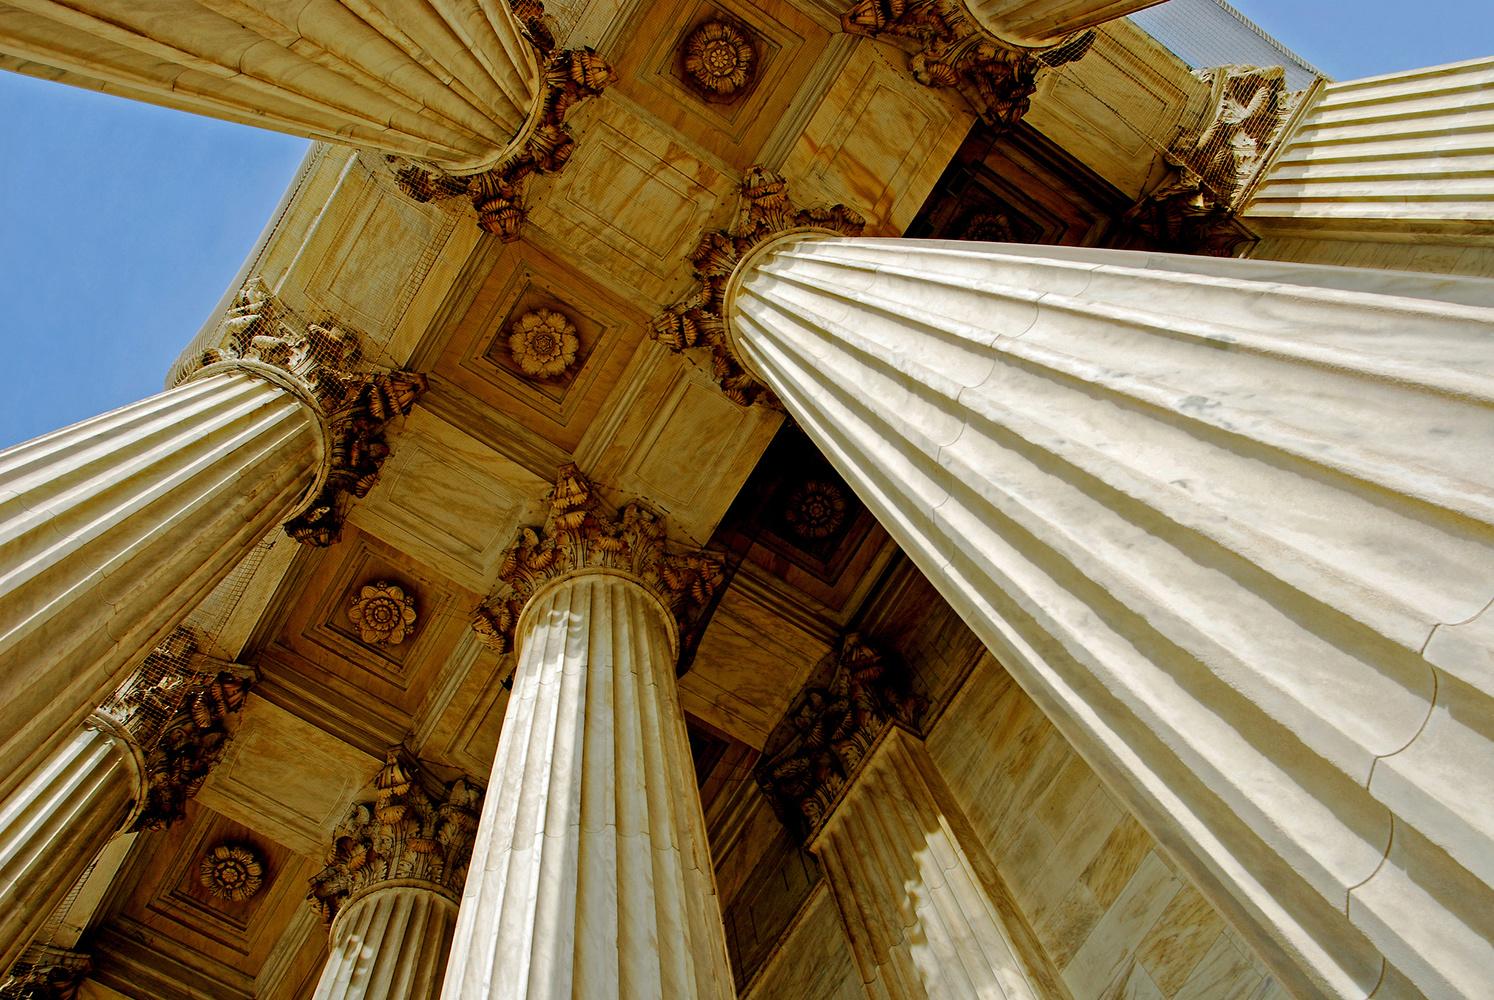 Columns, US Supreme Court by Bill Jonscher